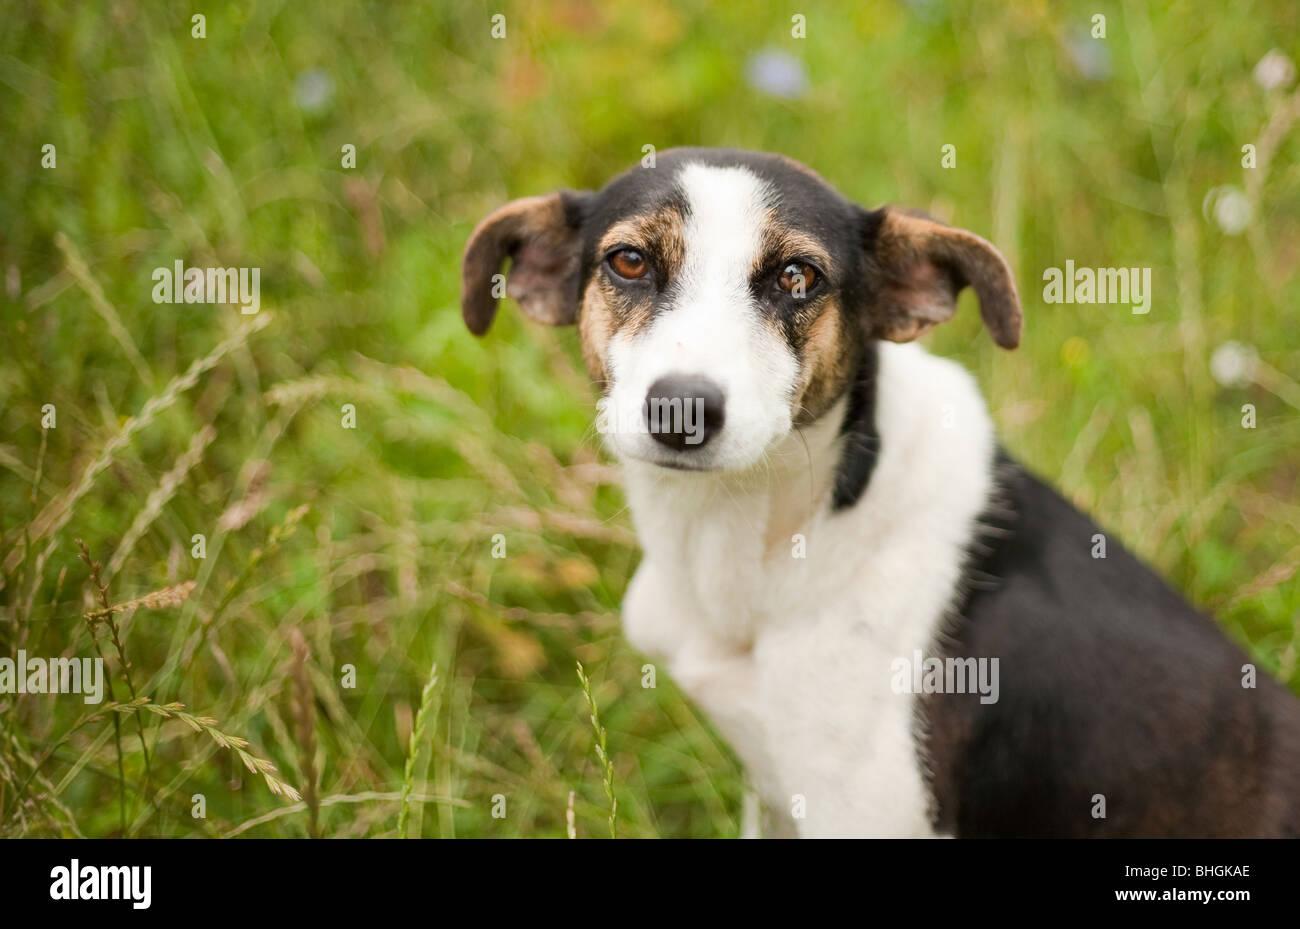 Ritratto di un adorabile cagnolino outdoor Immagini Stock